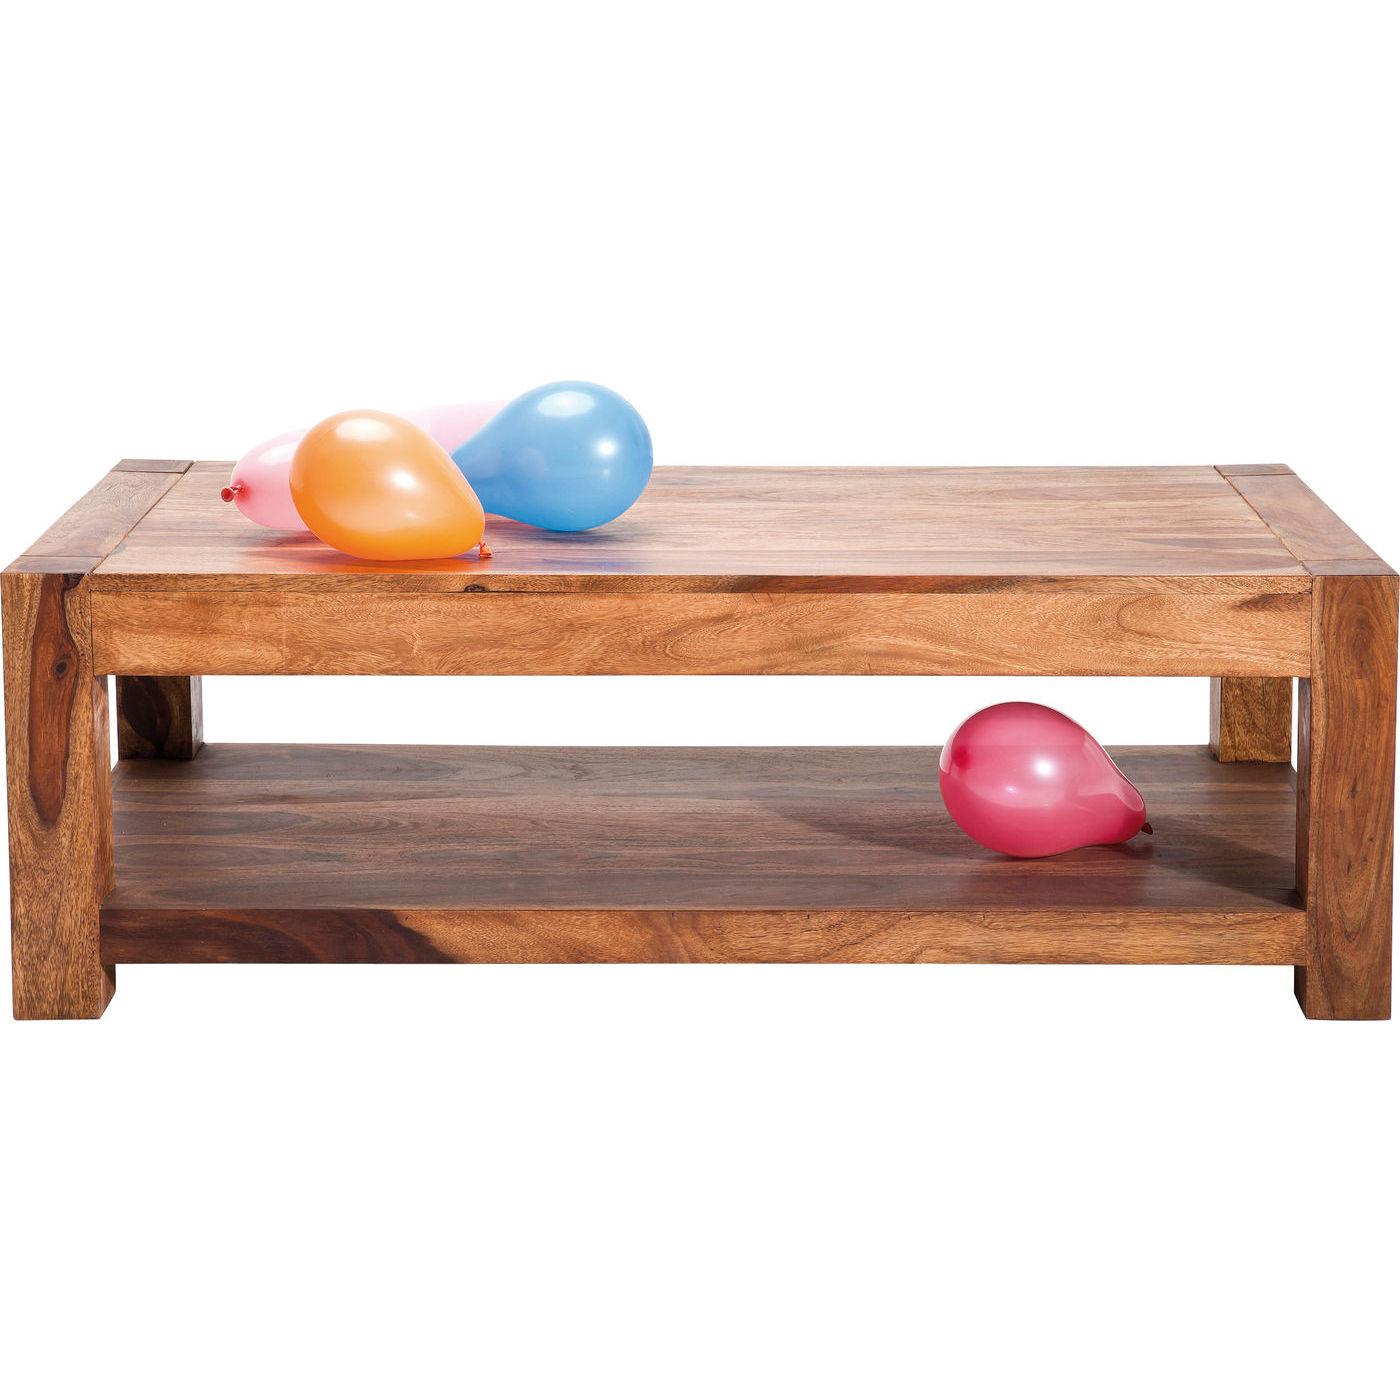 Kare design authentico sofabord - natur sheeshamtræ, m. 1 hylde (120x60) fra kare design fra boboonline.dk